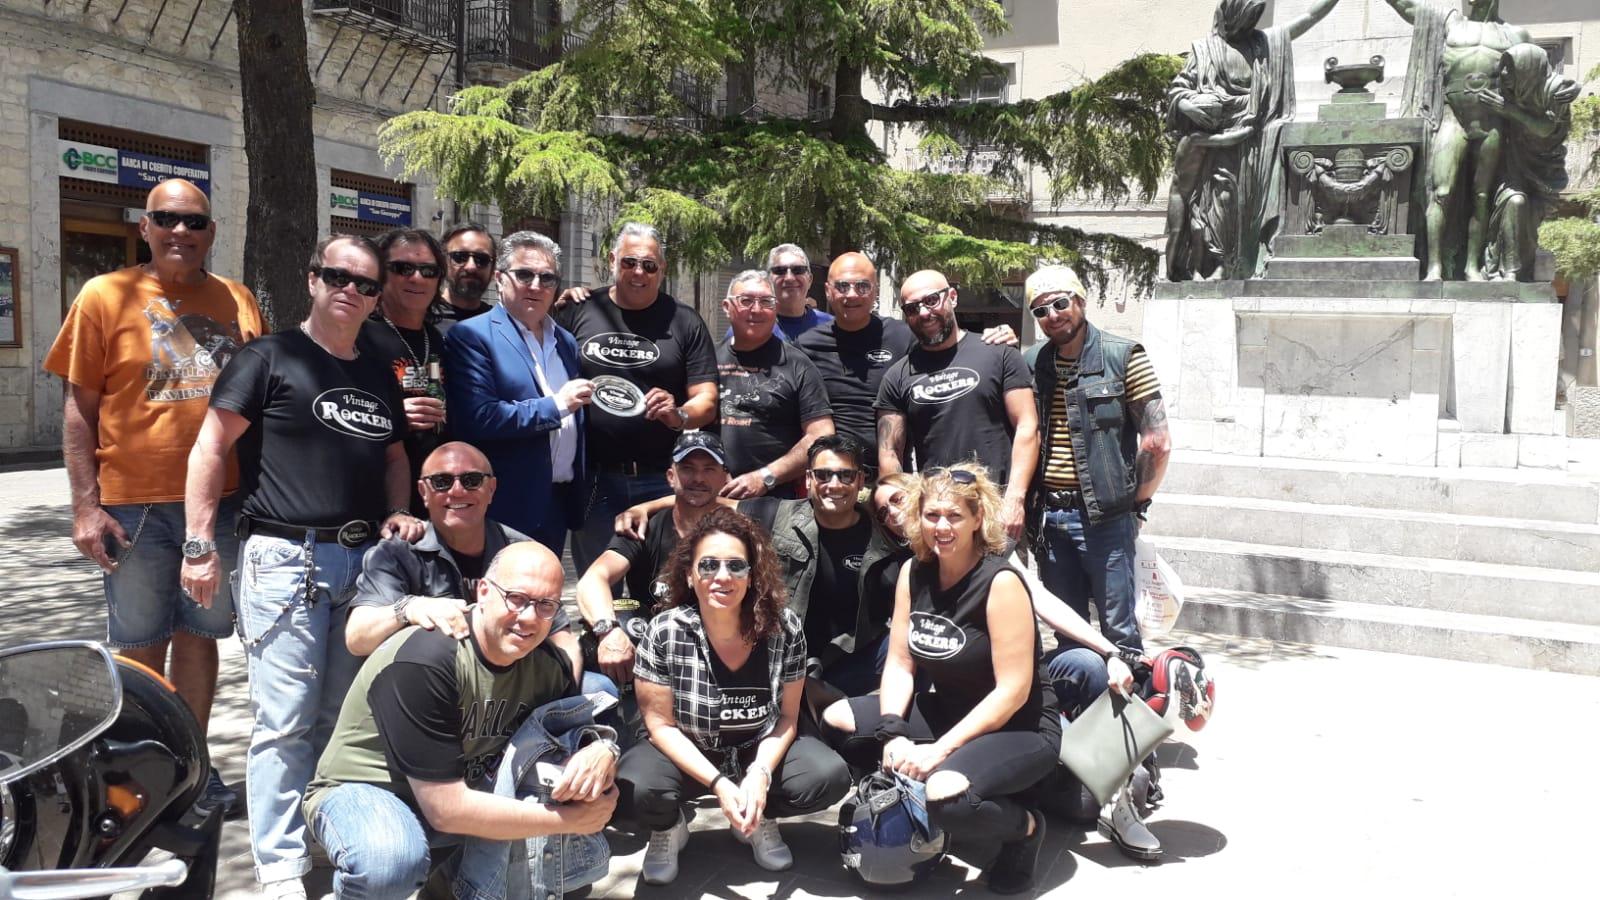 Petralia invasa da Harley Davidson